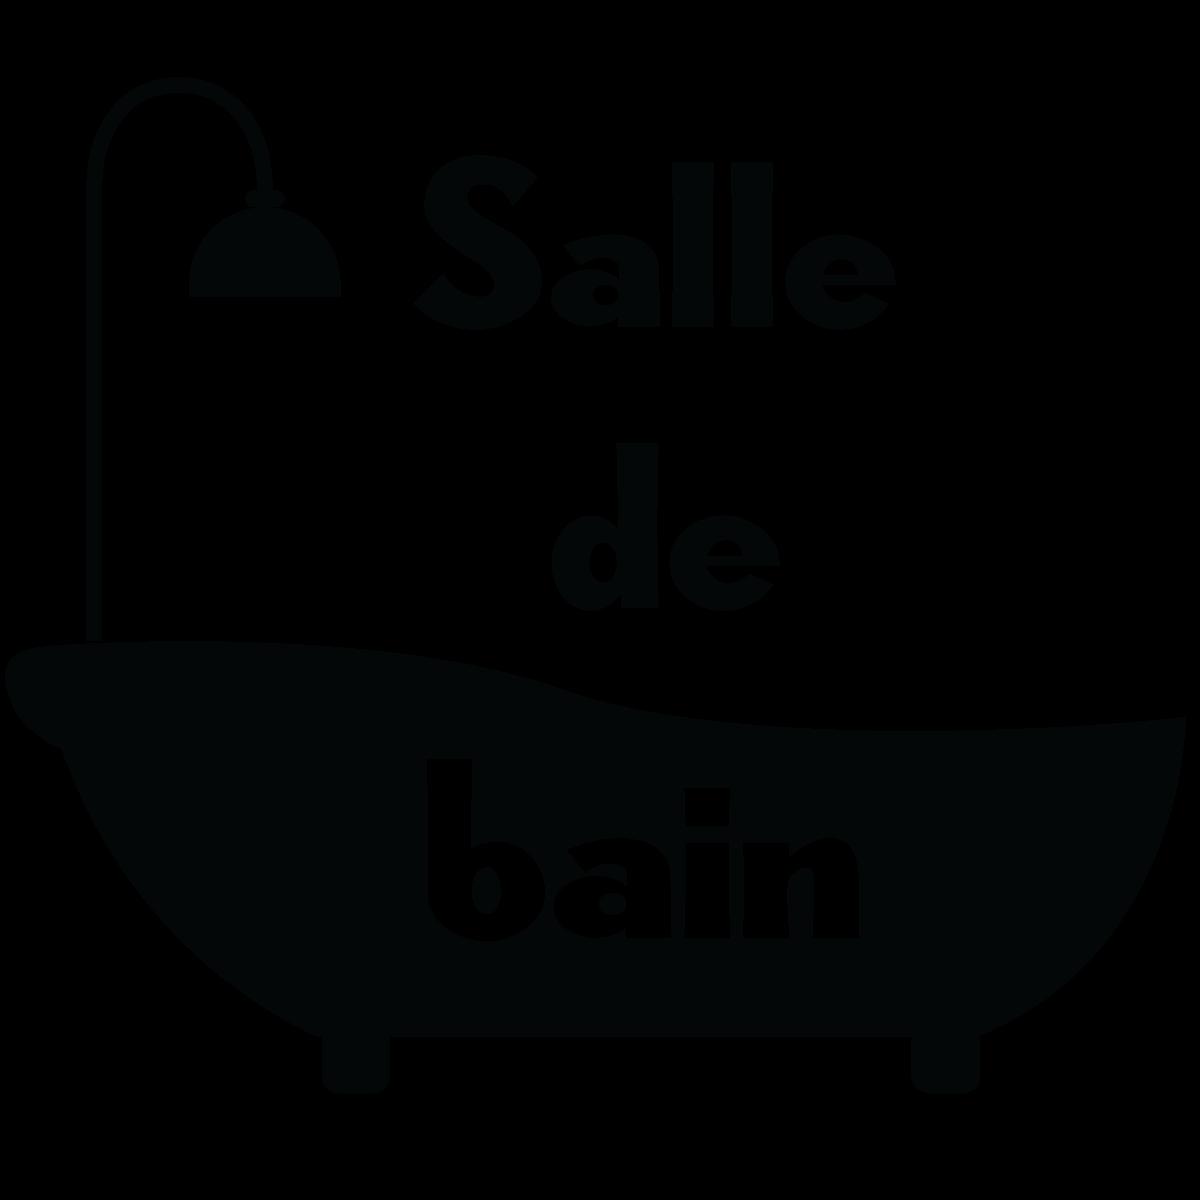 Sticker porte salle de bain baignoire stickers salle de bain et wc salle de bain ambiance - Stickers porte salle de bain ...